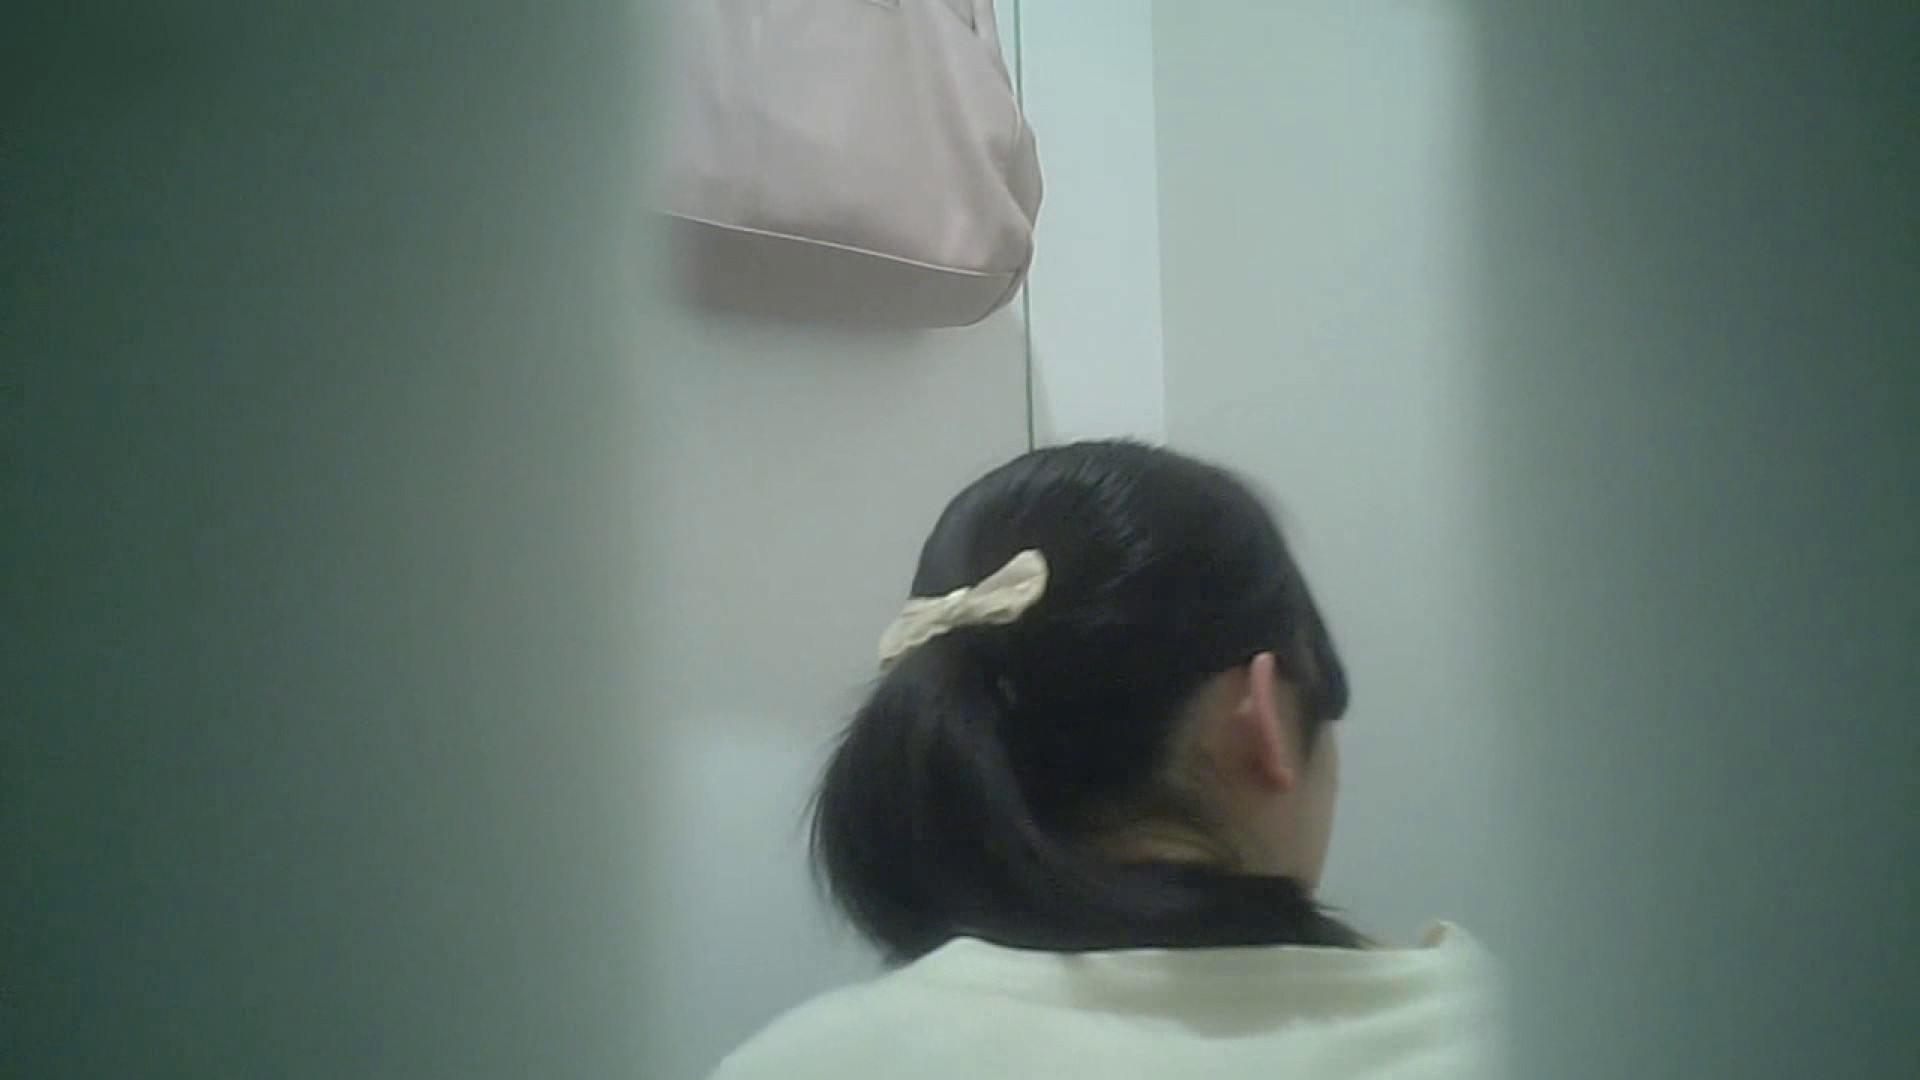 おまんこ丸見え|有名大学女性洗面所 vol.40 ??おまじない的な動きをする子がいます。|のぞき本舗 中村屋